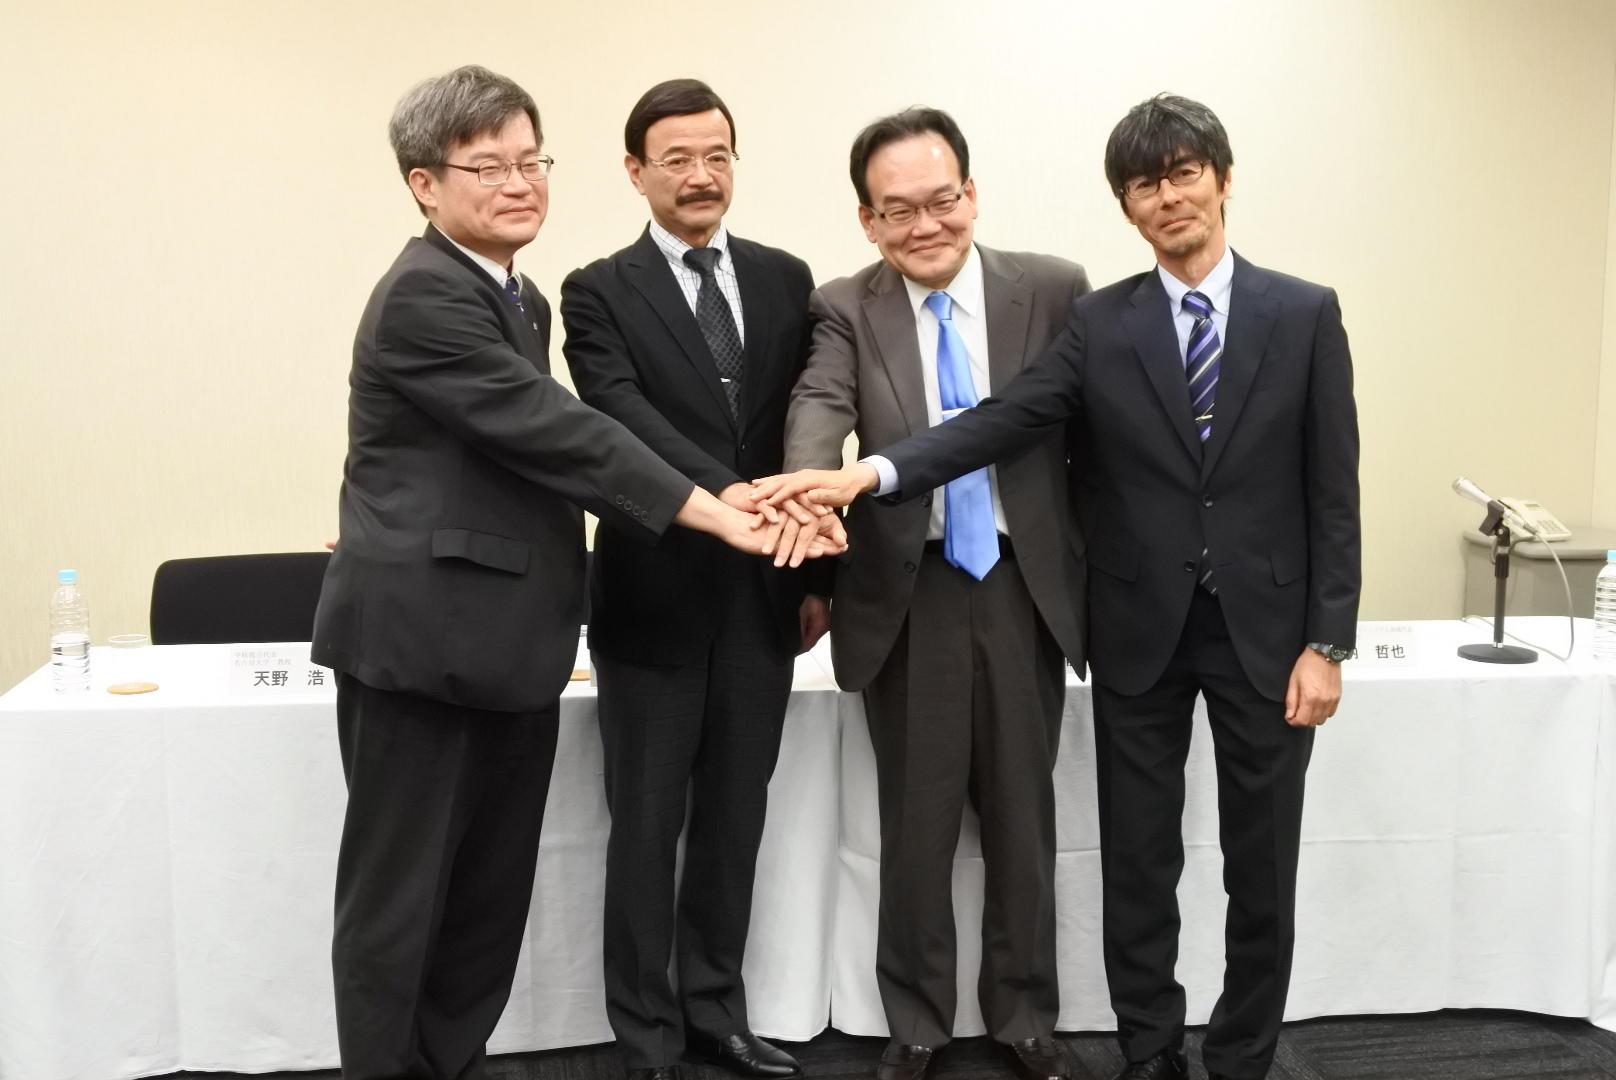 次世代半導体研究の成果を発表した竹内教授(右端)、天野教授(左端)ら